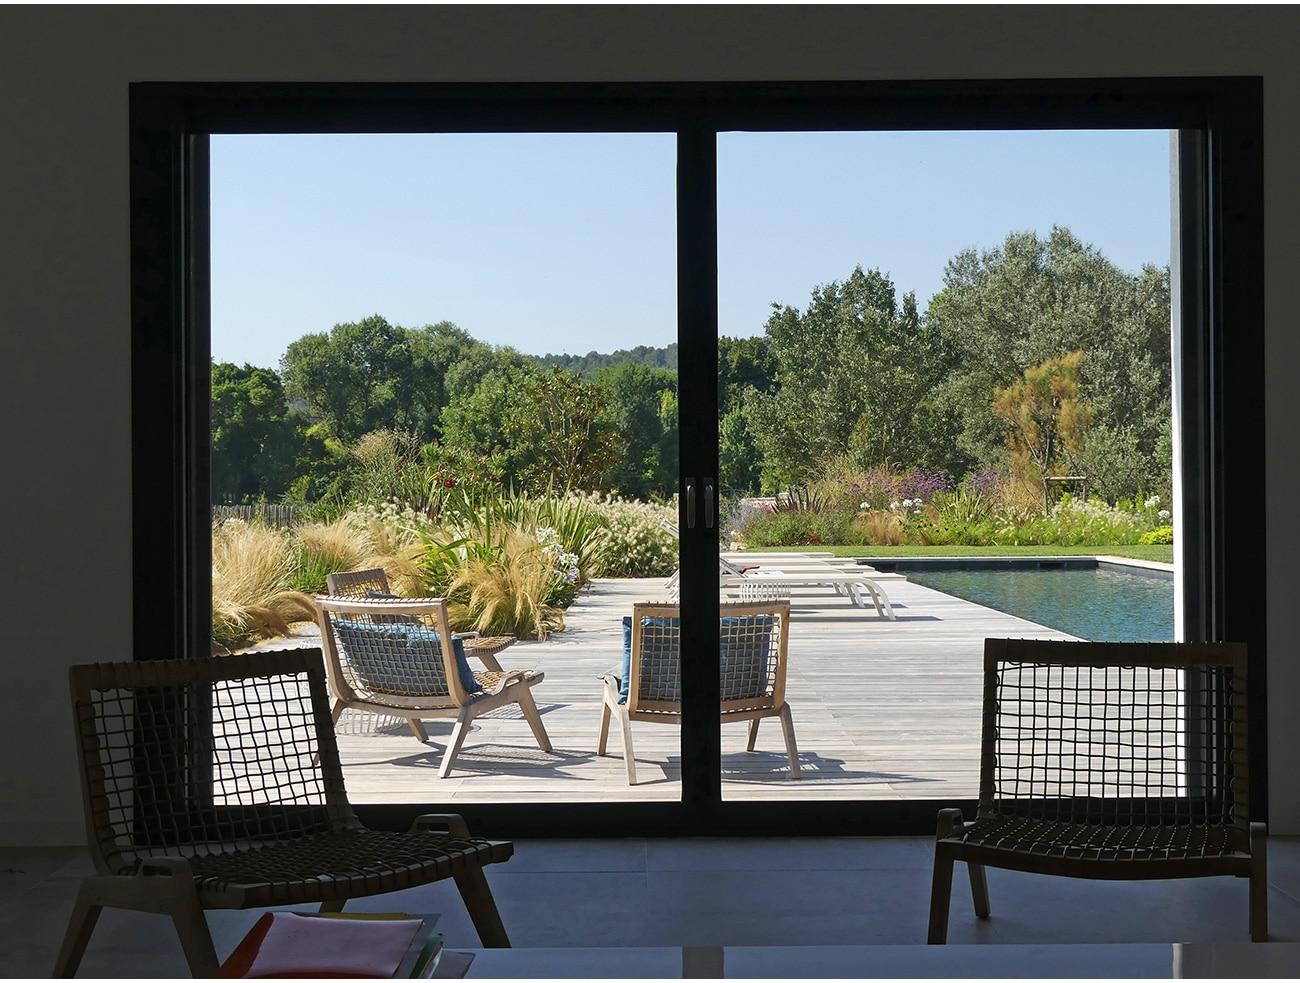 Atelier Naudier - Architecte paysagiste concepteur - Montpellier & Aix-en-Provence - JARDIN BAIE VITRÉE - Aménagement jardin